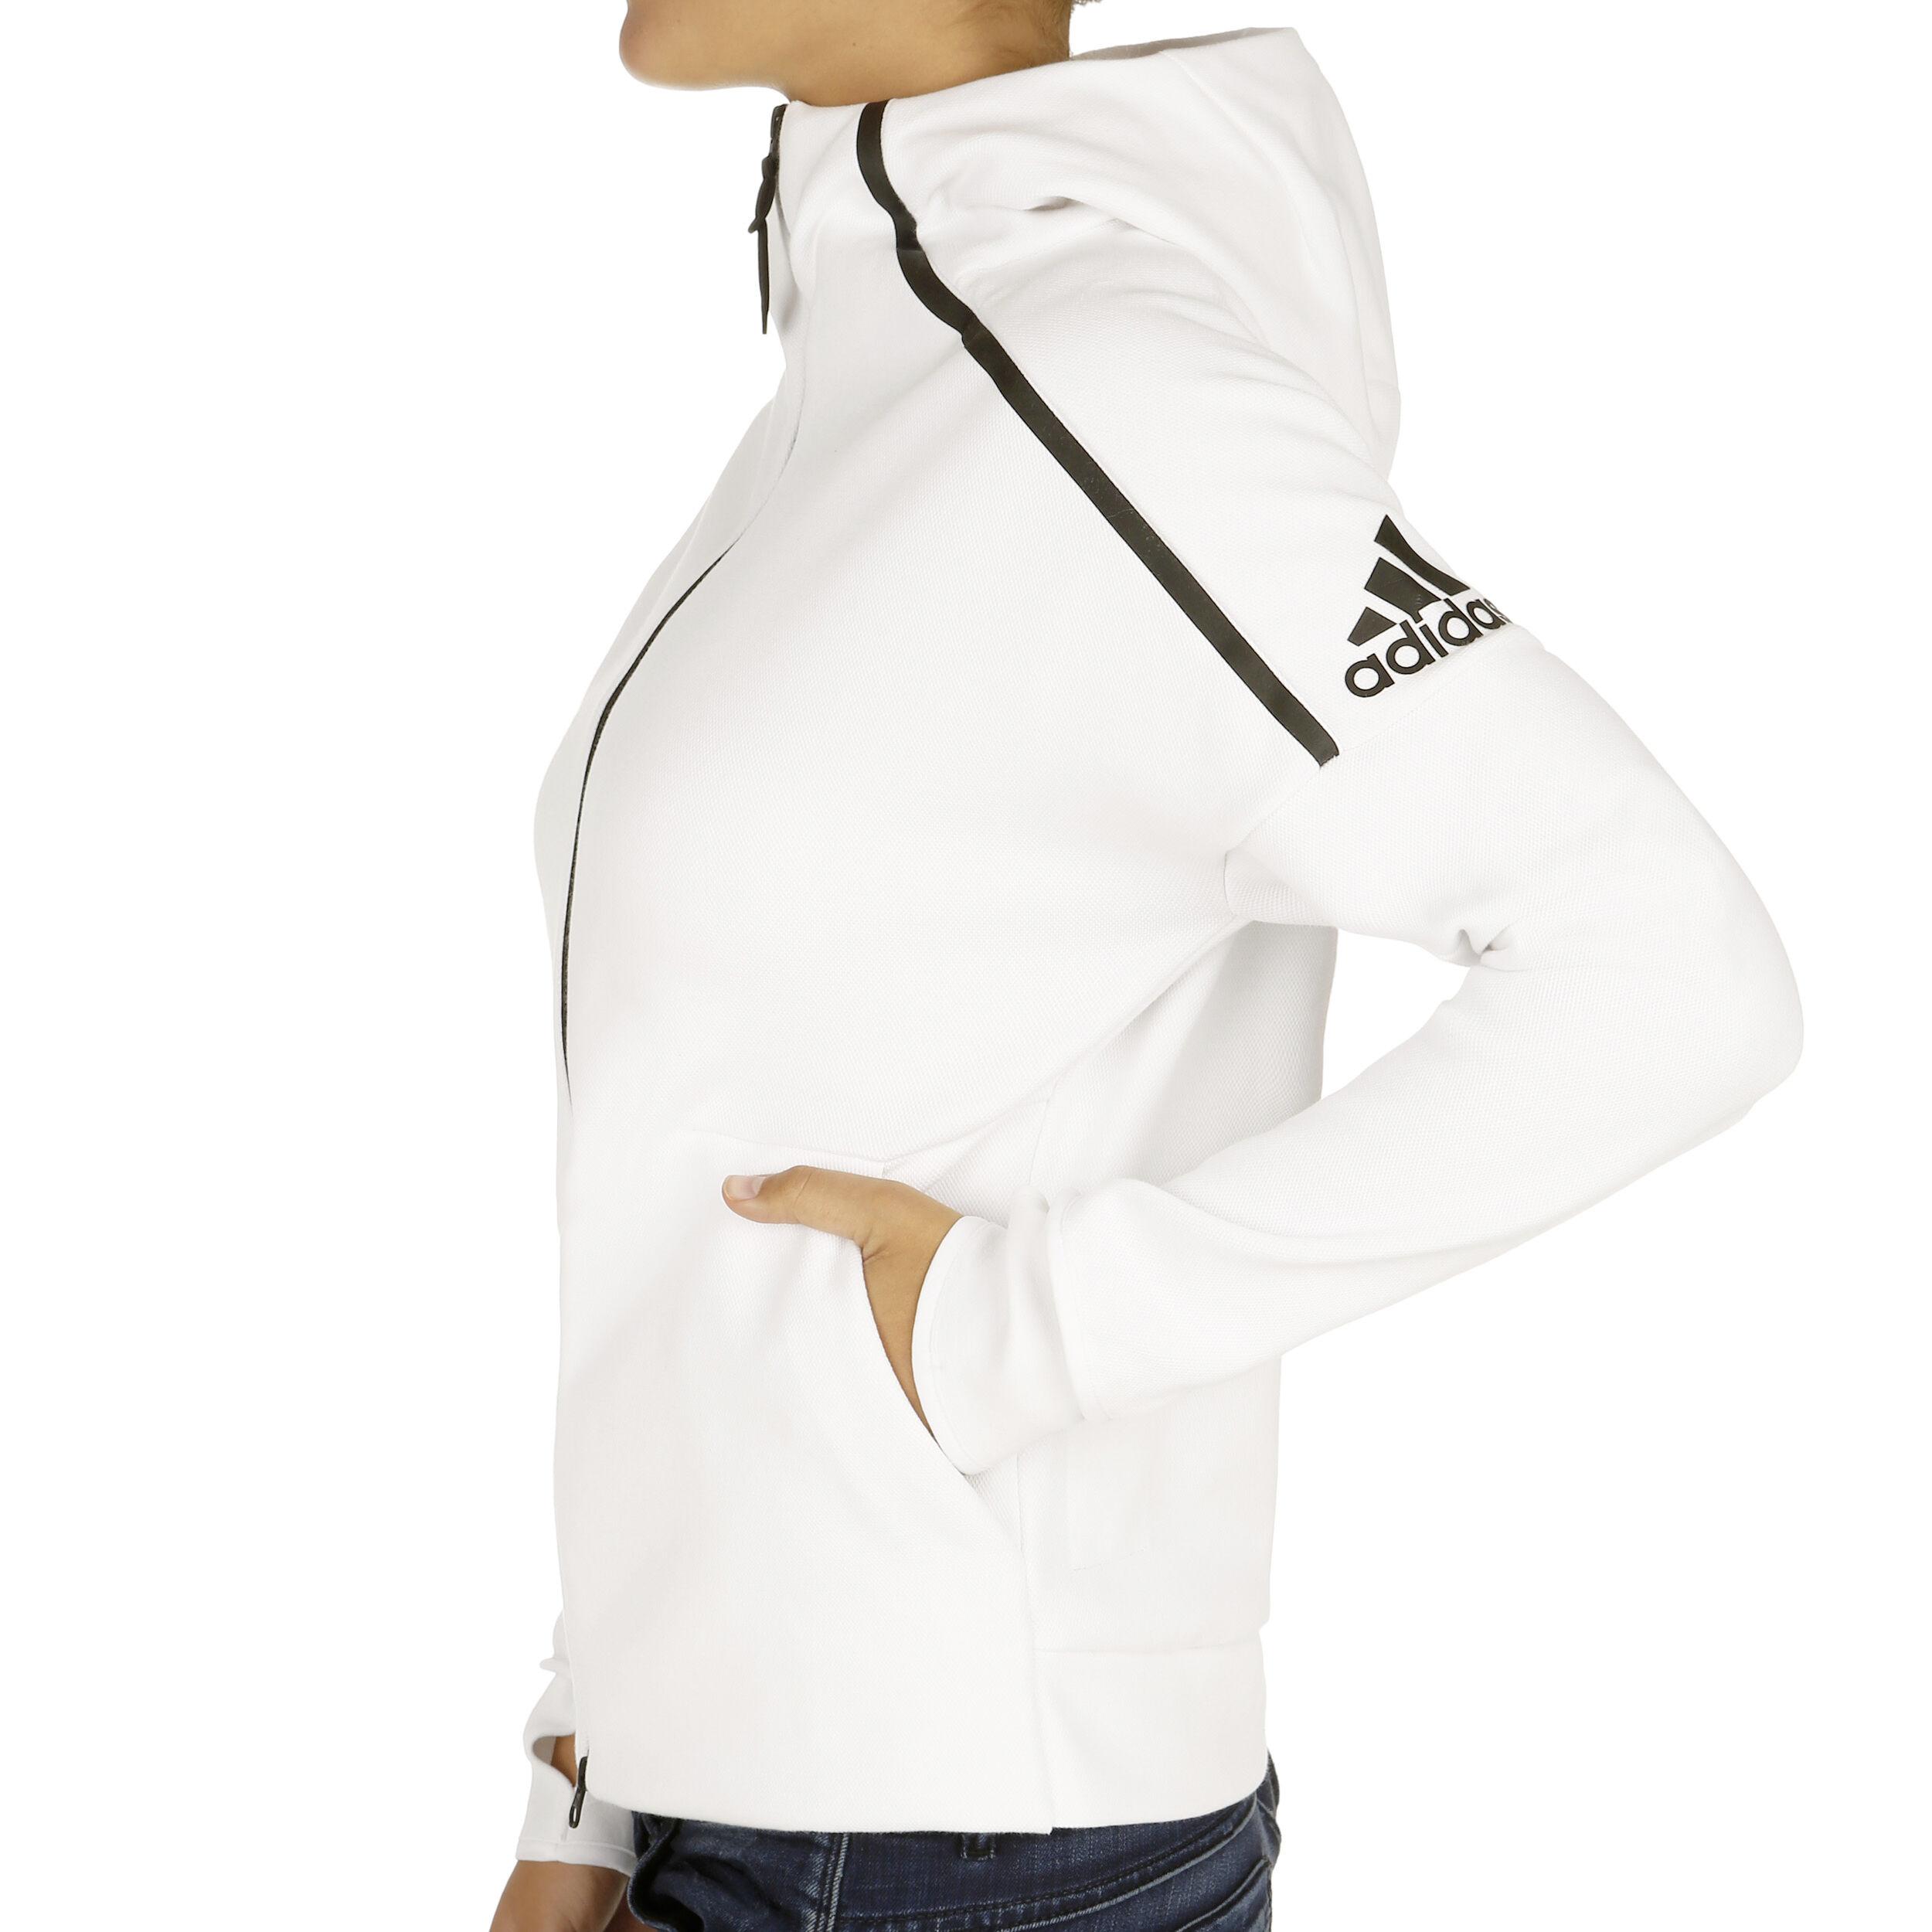 Adidas Laufjacke Damen kaufen | Günstig im Preisvergleich